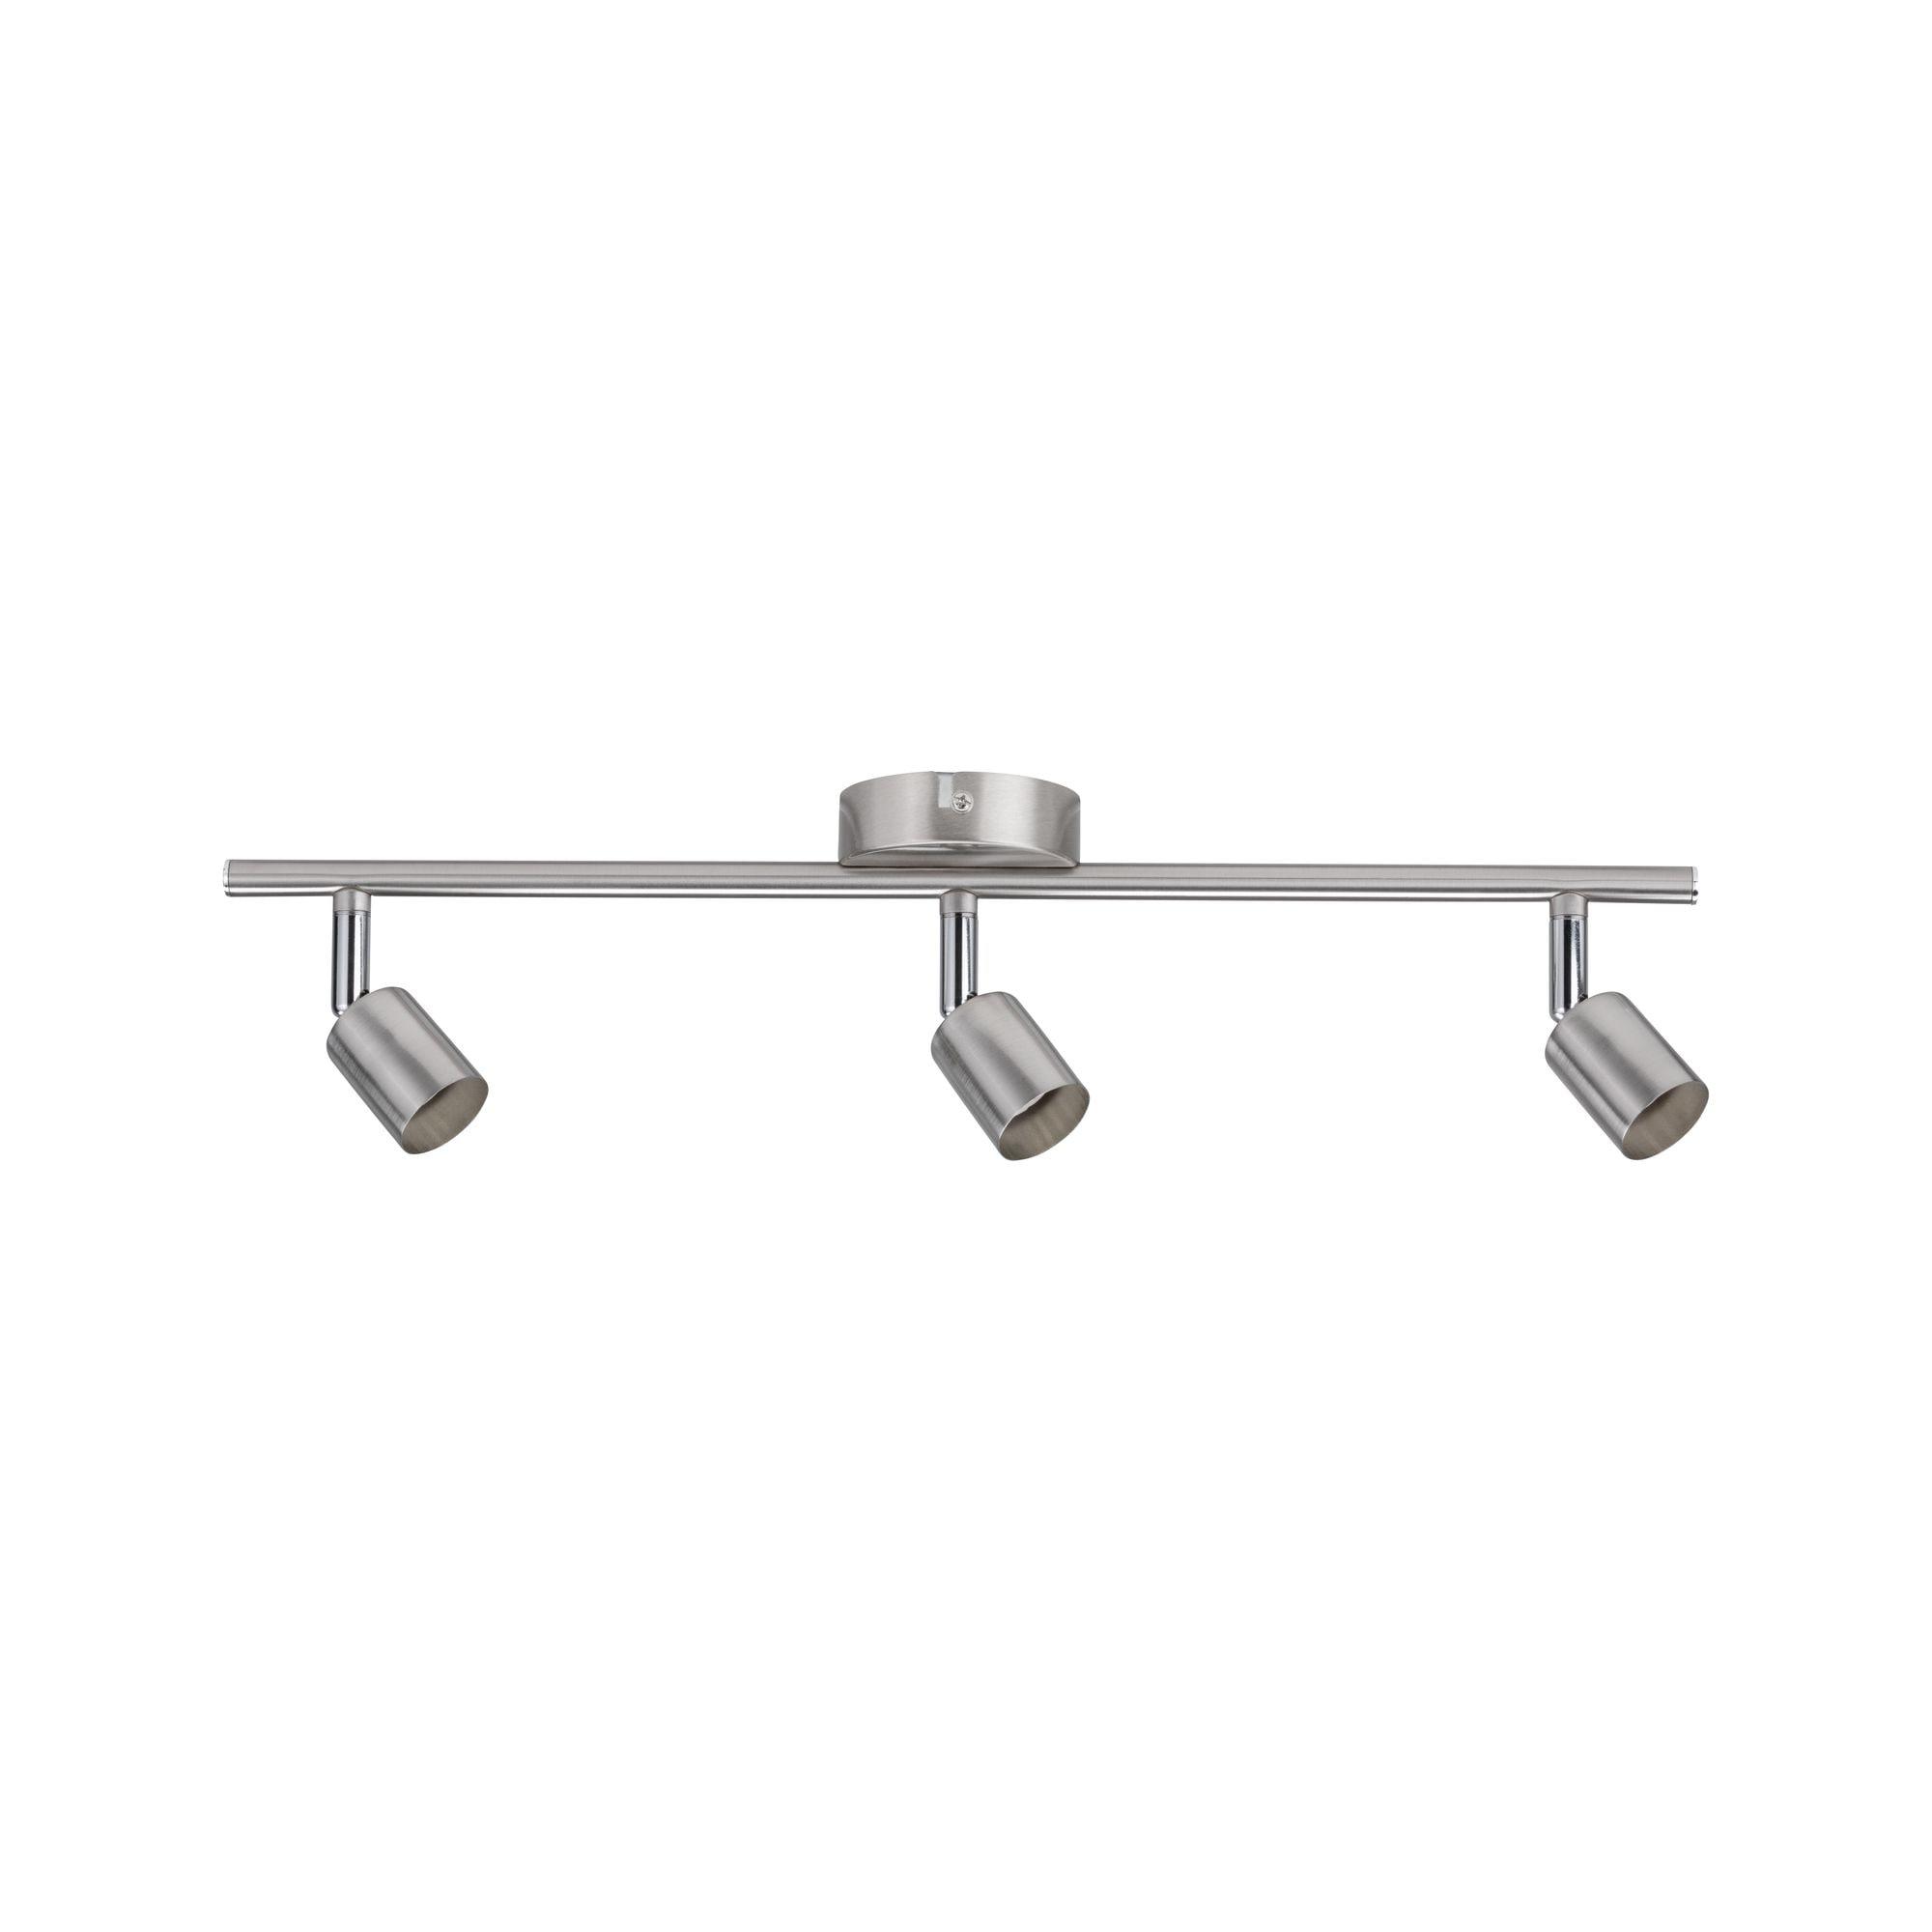 Paulmann LED Deckenleuchte 3er-Spot Carolina GU10, max 10W Nickel matt, GU10